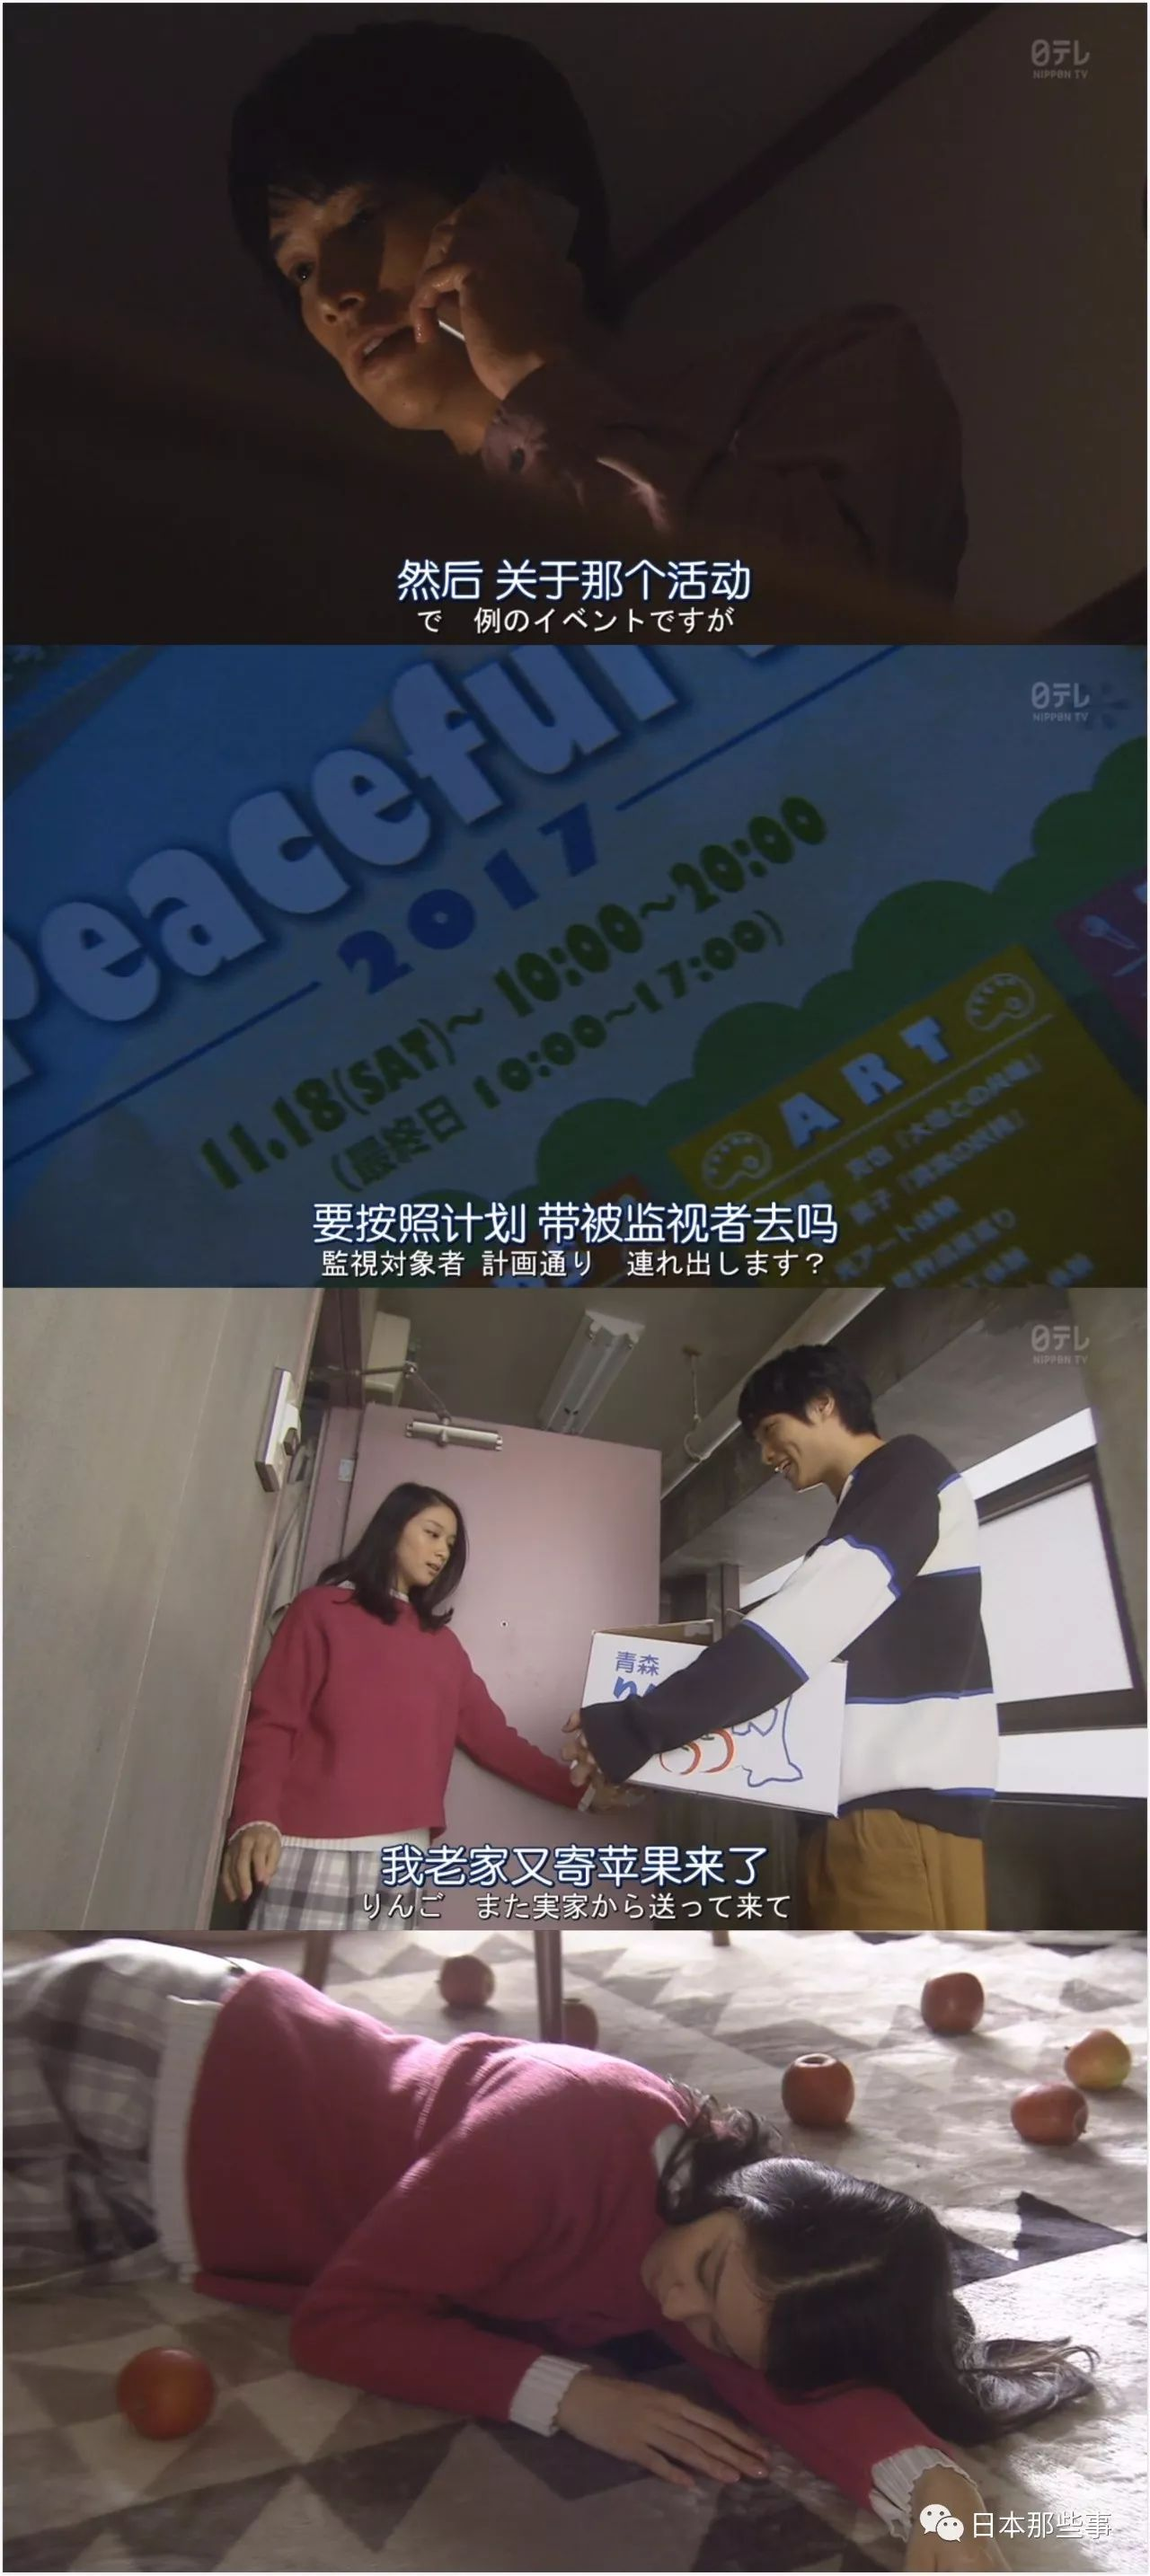 另一方面,千川接到了澪一直不亲近,但权势熏天的外公的工作委托: